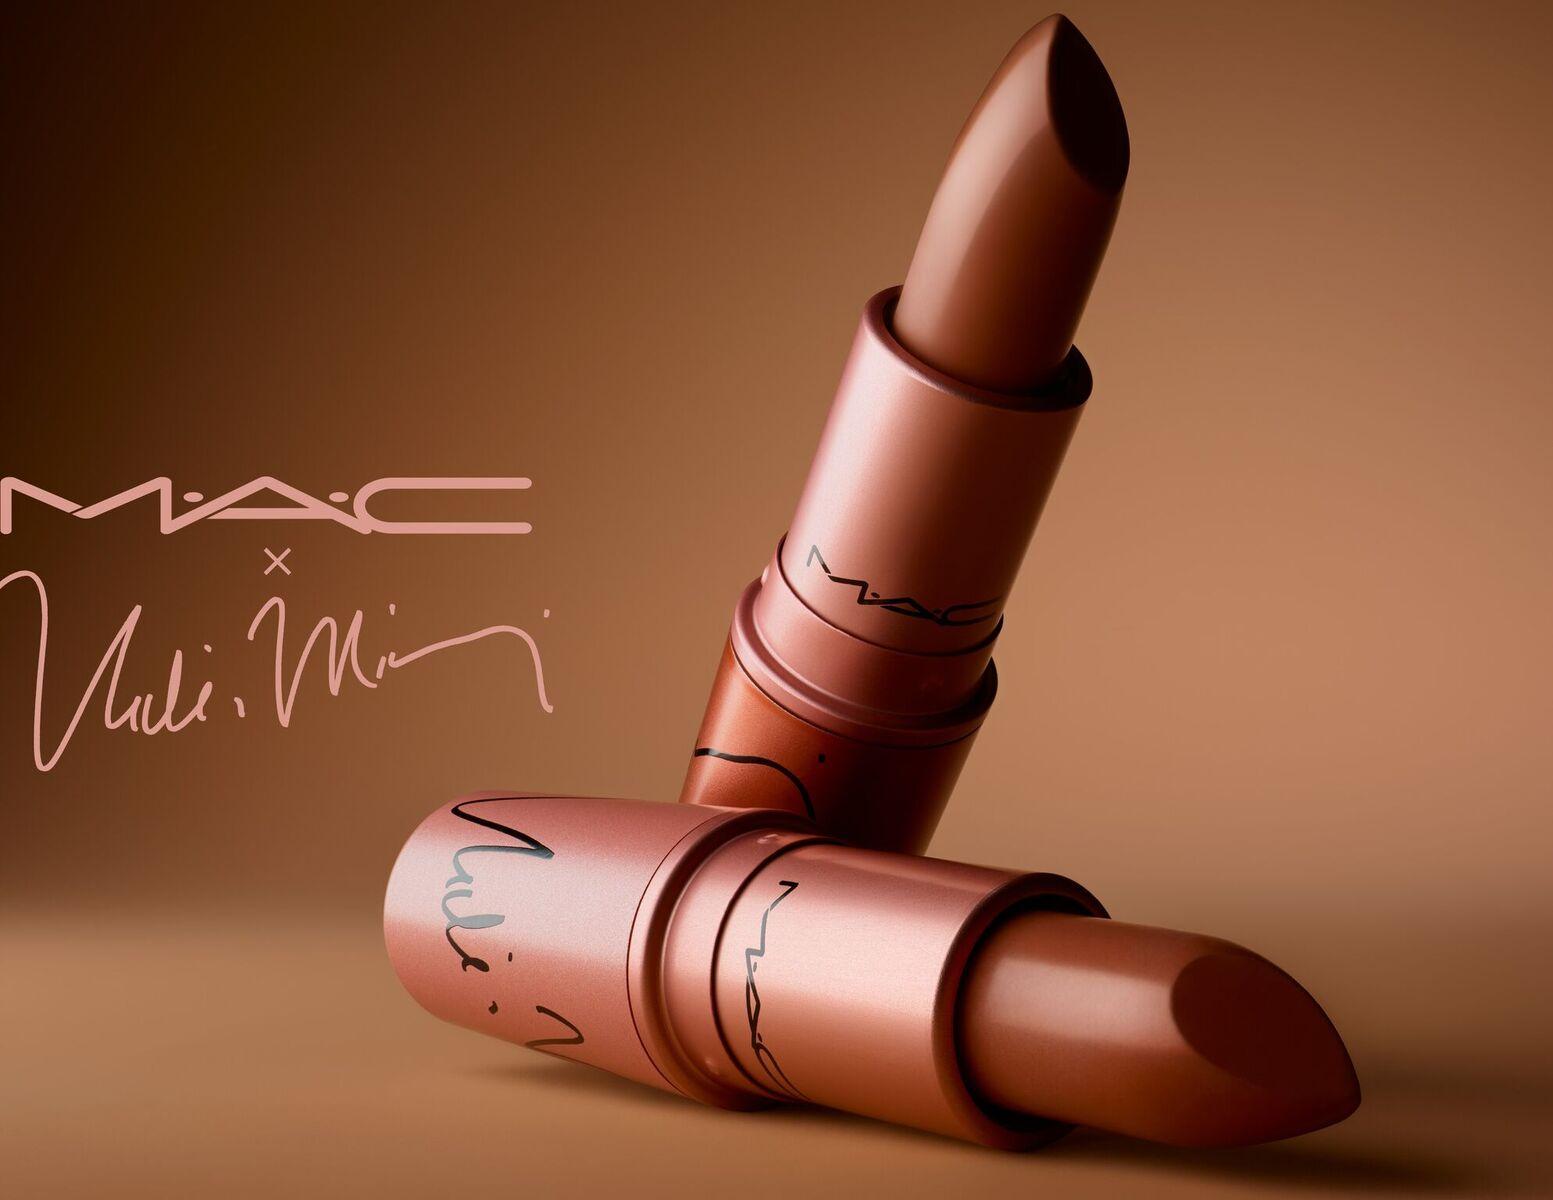 Ez a szeptember most Nickiről szól! Vidd haza a varázslatos M.A.C Nicki Minaj, nude rúzsok valamelyikét! :)<br /> #MACxNickiMinaj